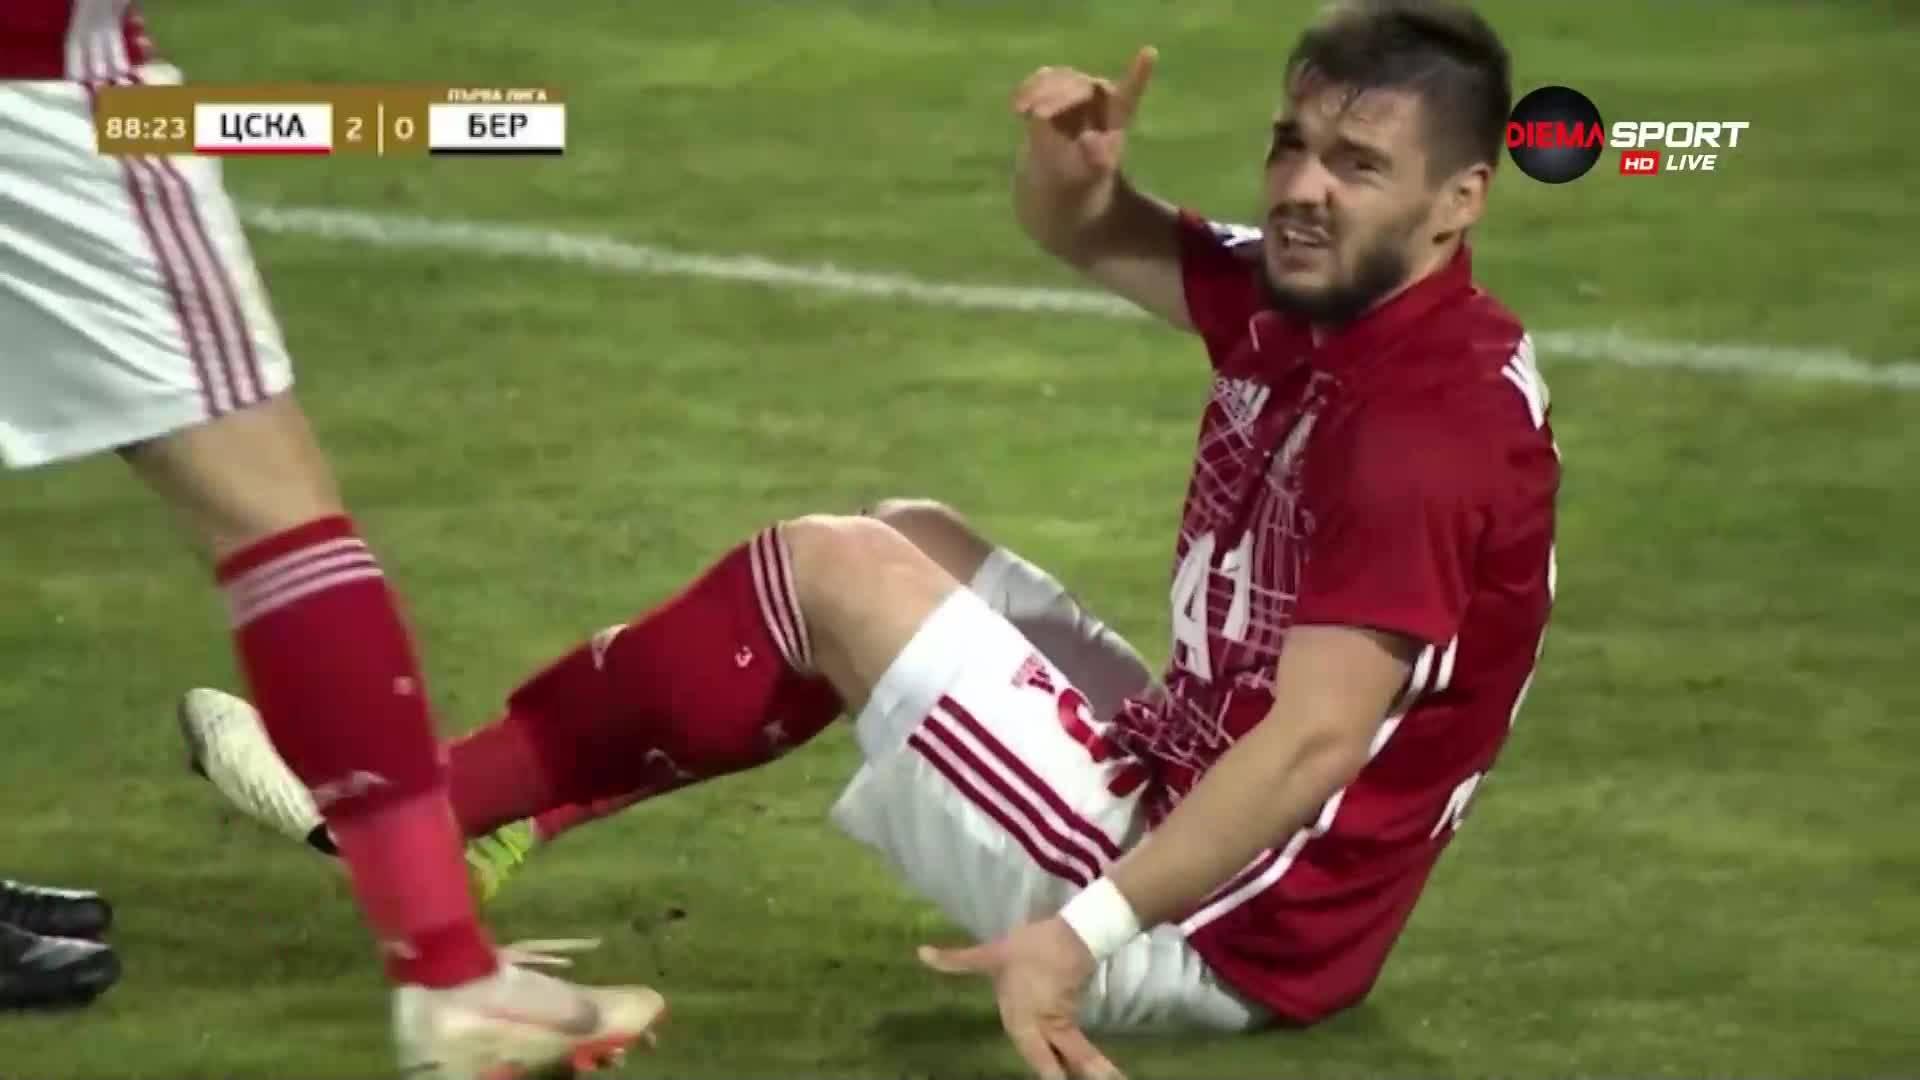 Защо ЦСКА срещу Берое се разви именно по този начин?